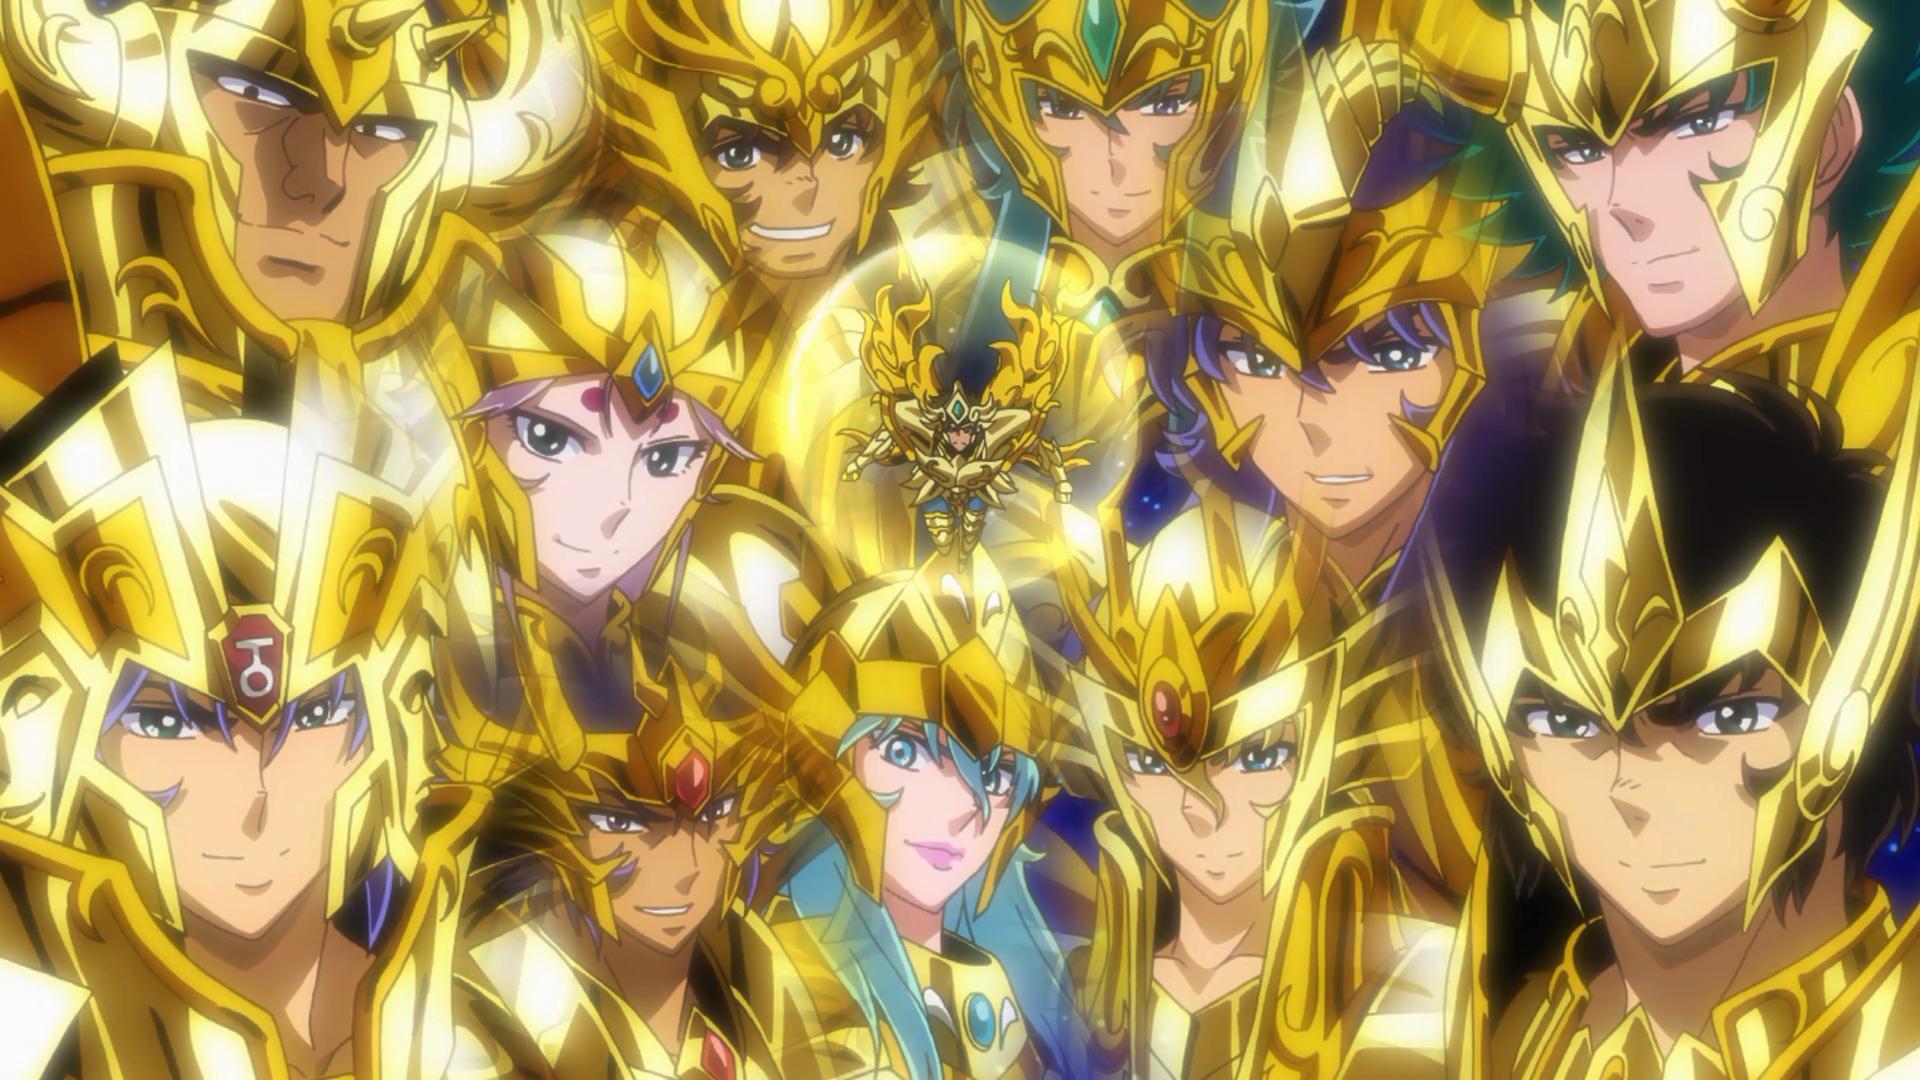 Todos os cavaleiros de ouro desejam boa sorte à Aioria